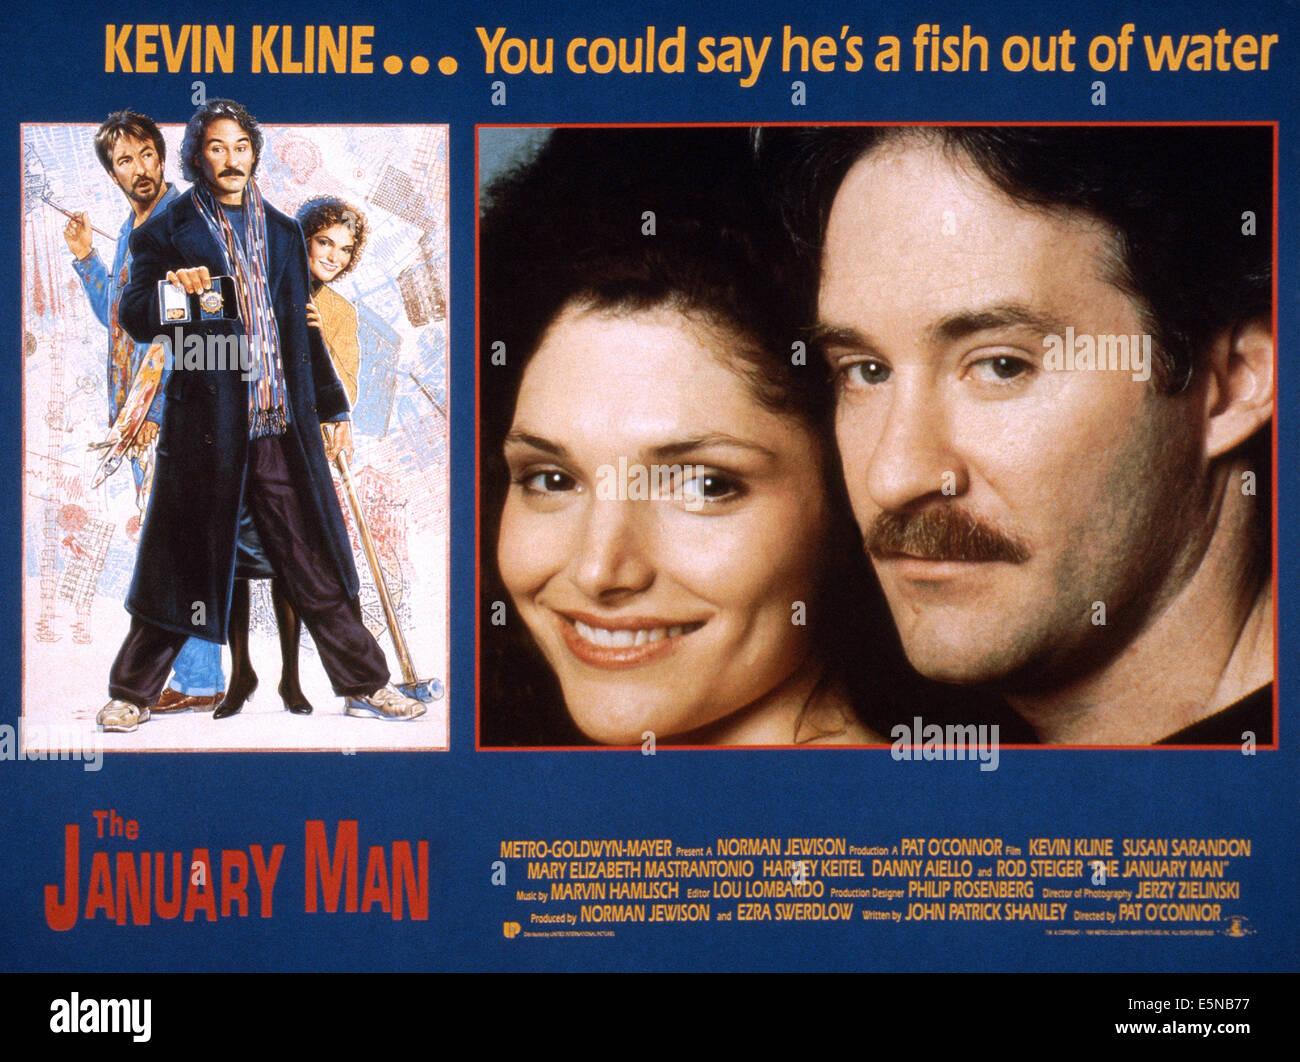 THE JANUARY MAN, from left: Mary Elizabeth Mastrantonio, Kevin Kline; far left: Alan Rickman, 1989. ©MGM/courtesy - Stock Image